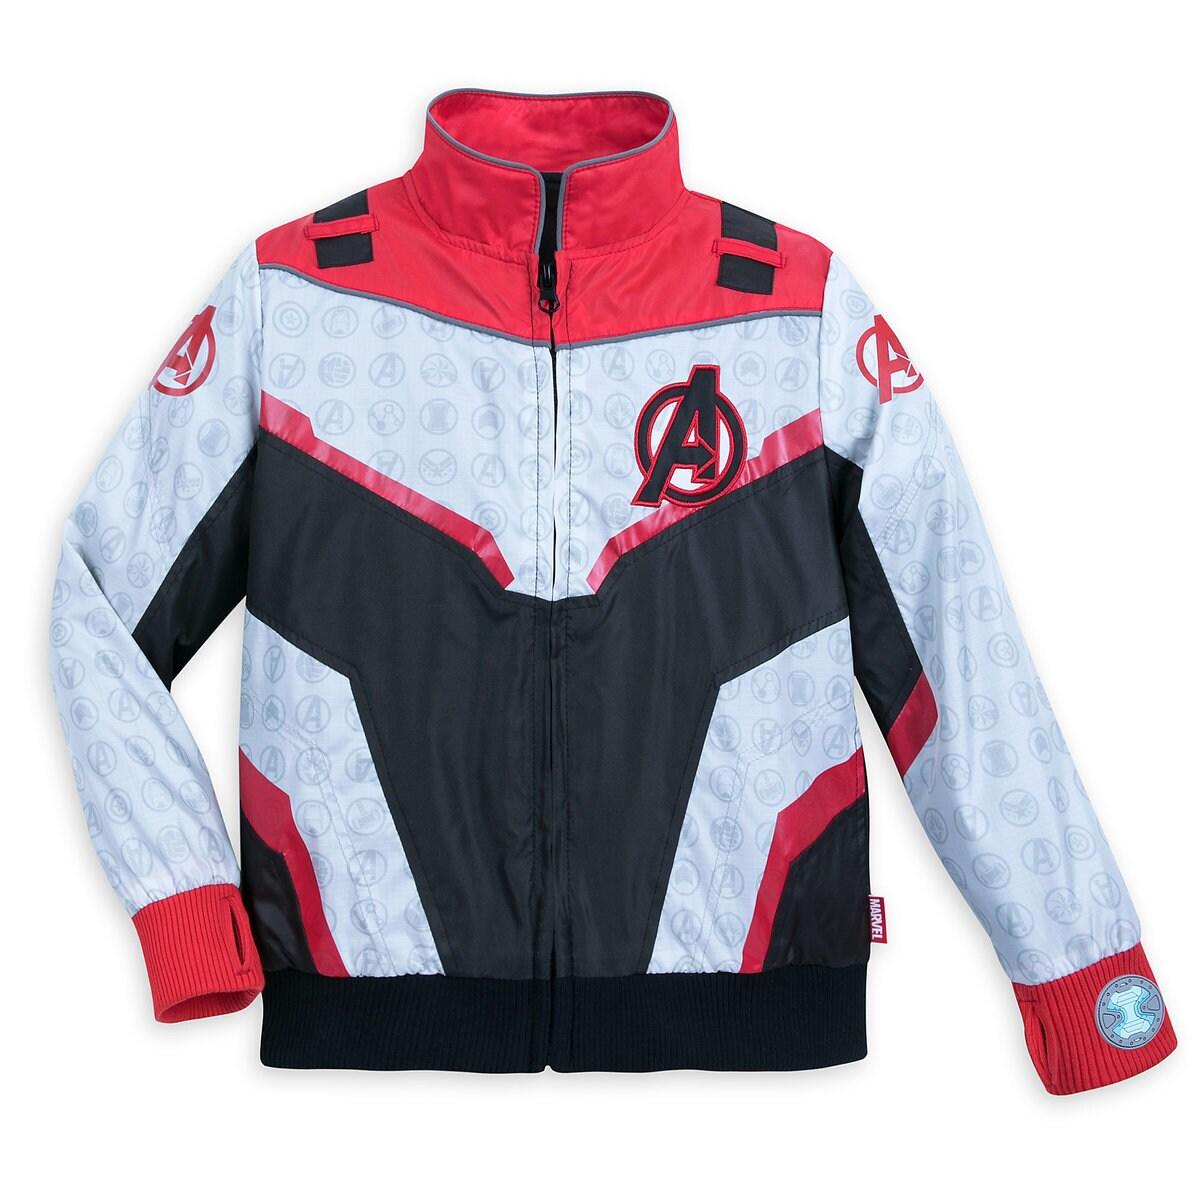 42a87fe12 Product Image of Marvel's Avengers: Endgame Windbreaker Jacket for Kids # 1